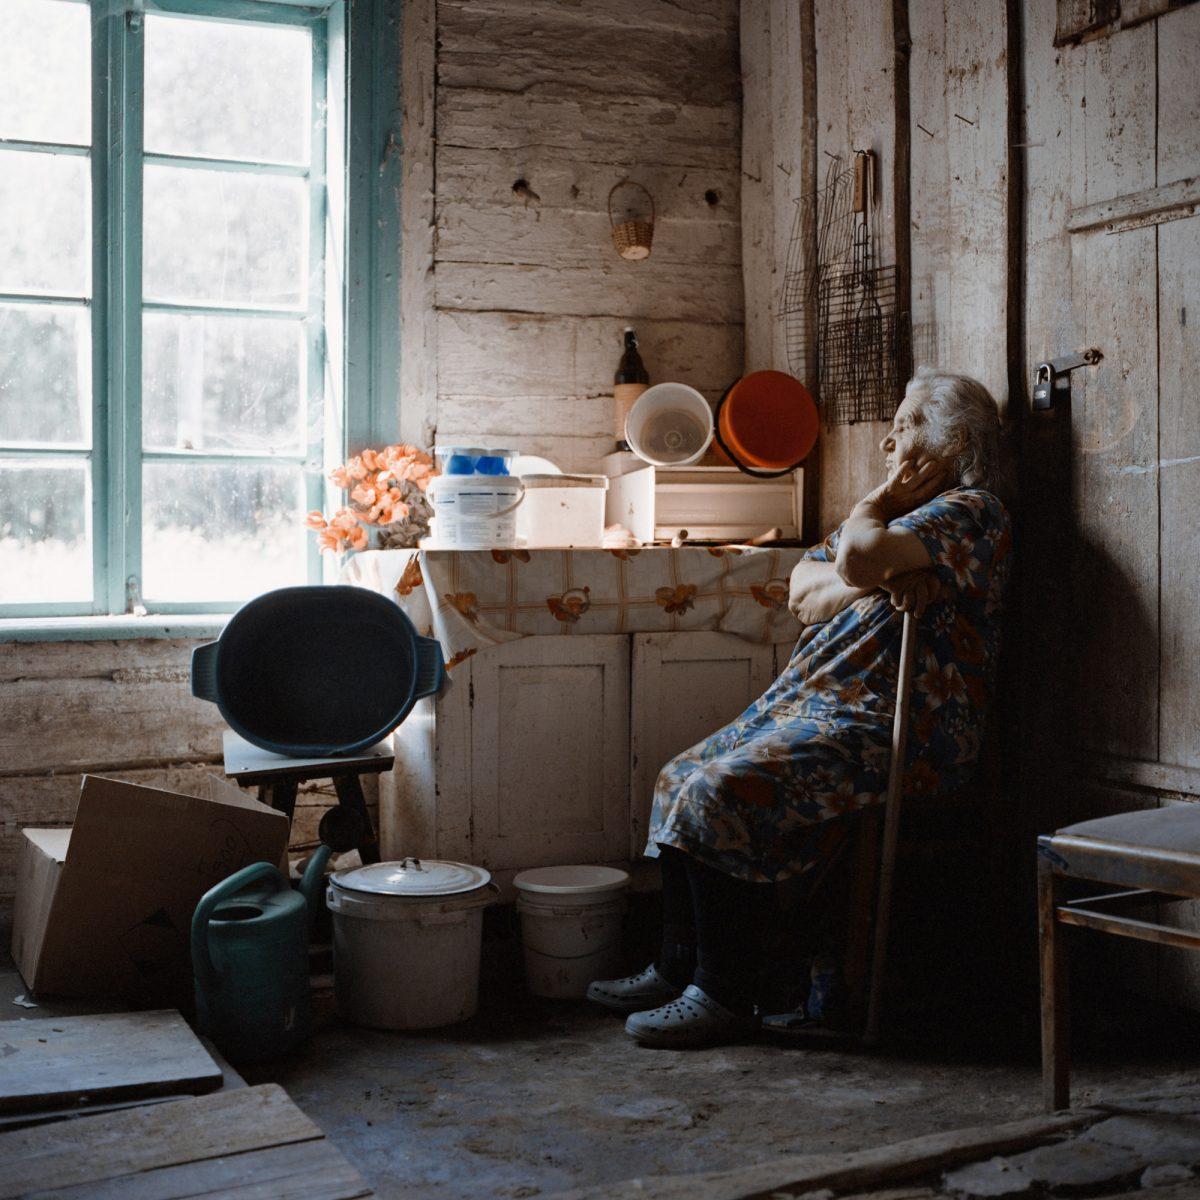 Photo couleur de Tadas Kazakevičius de Soon to be Gone, femme âgée dans la maison regardant par la fenêtre.